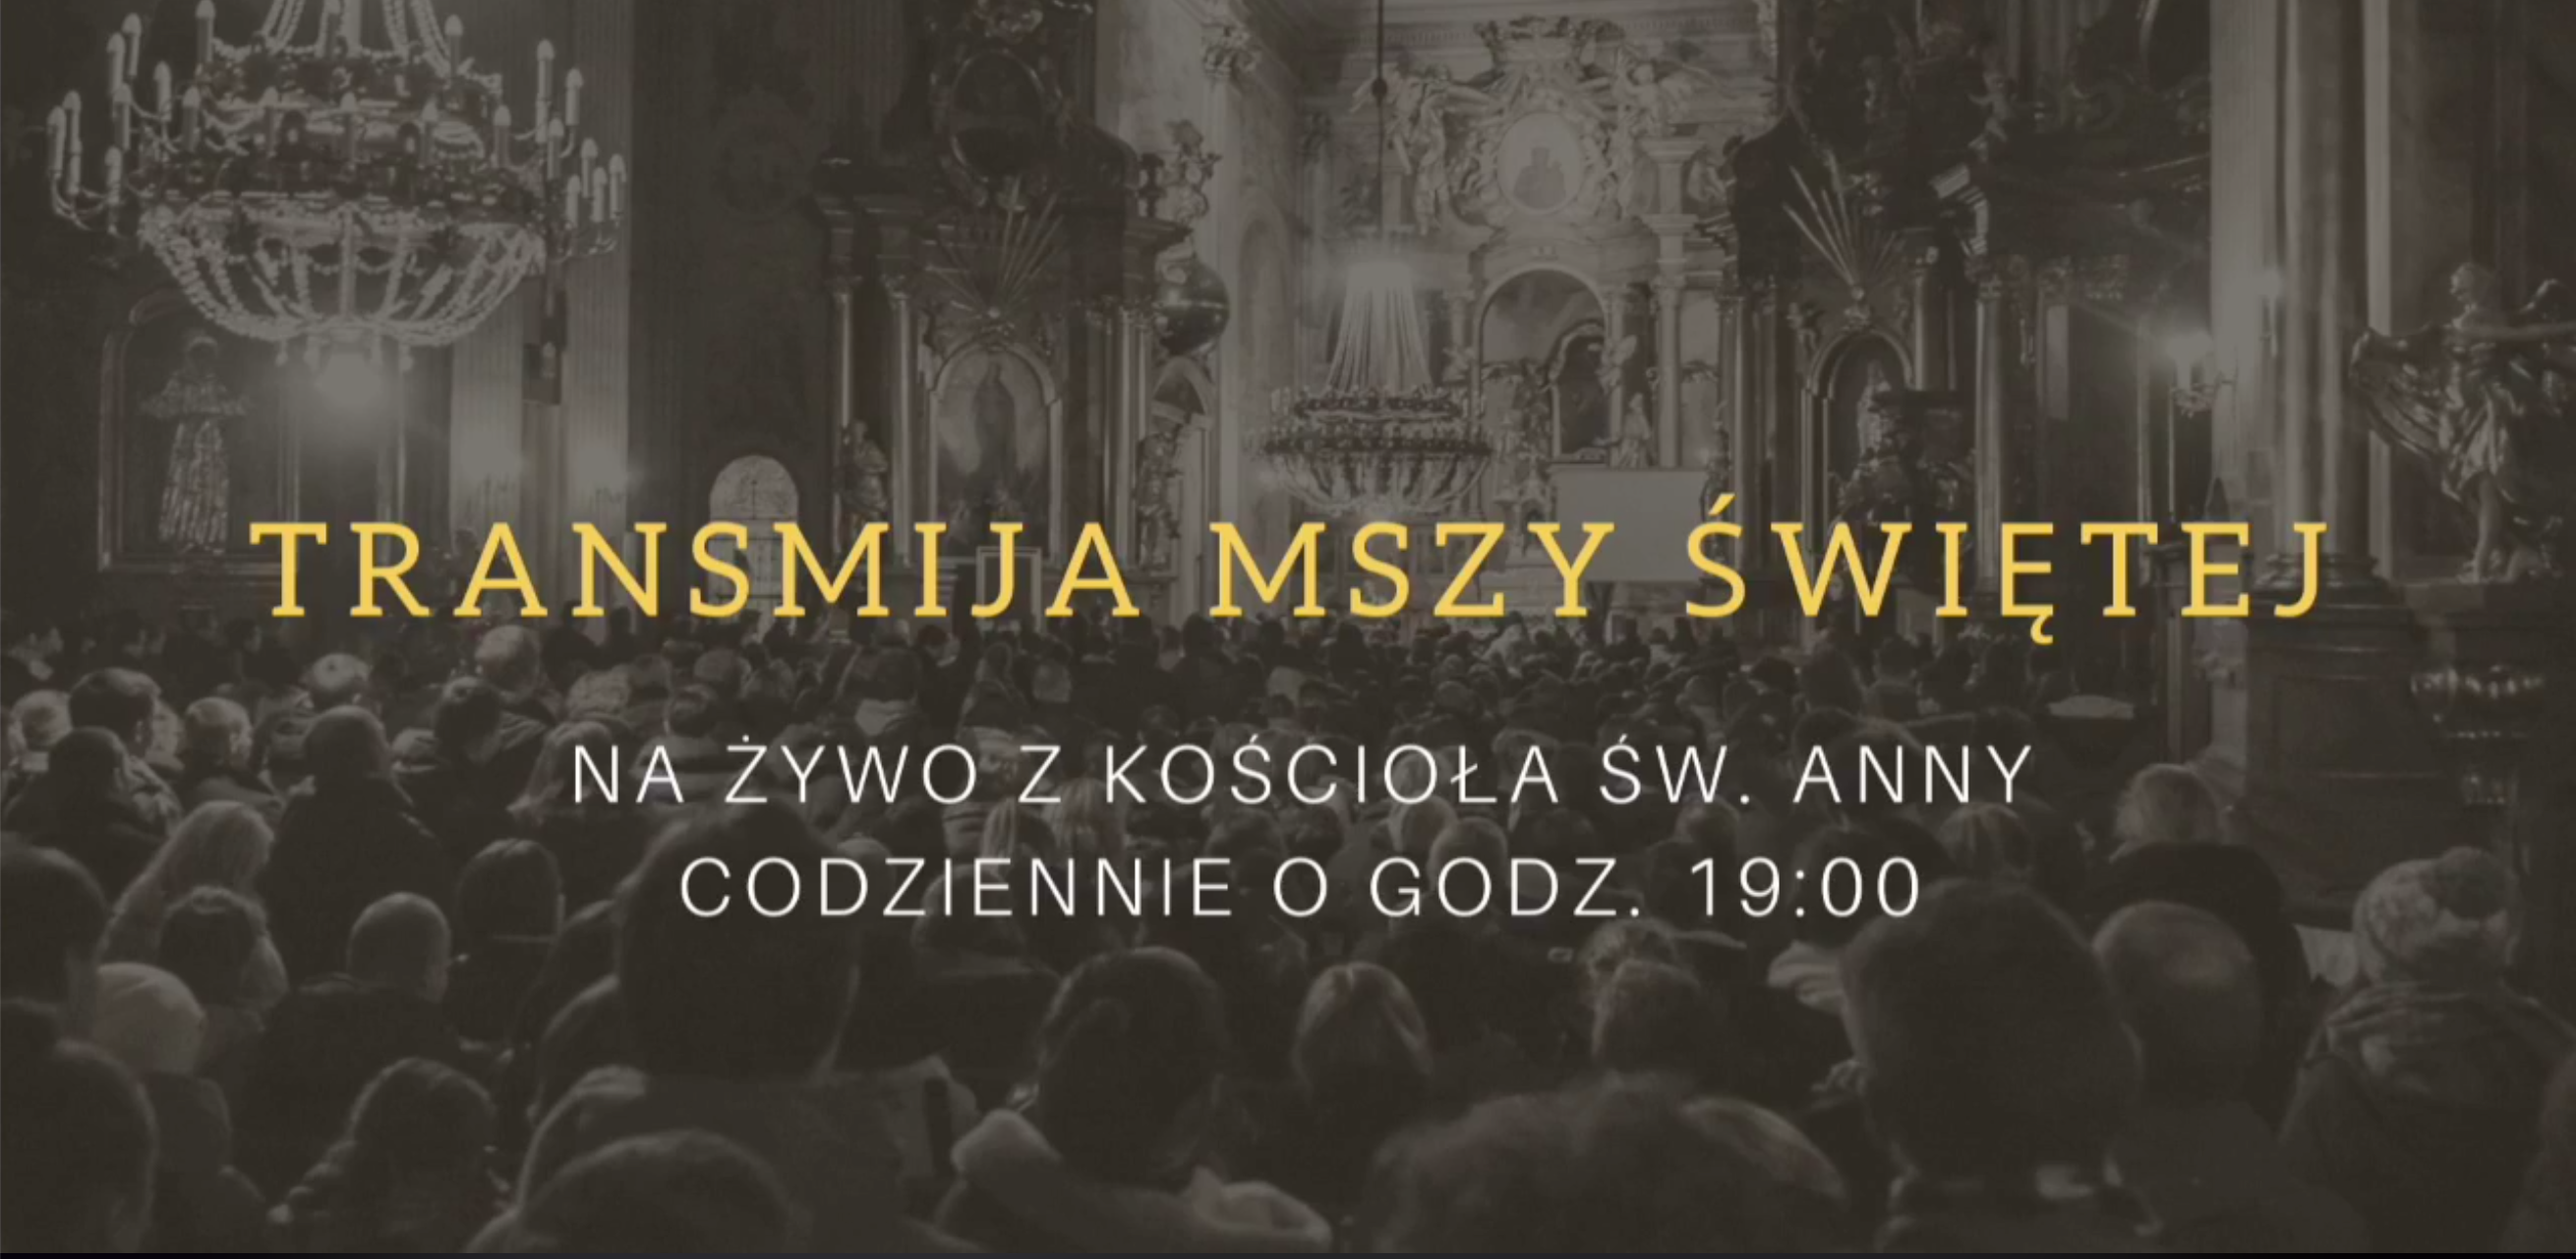 Transmisja Mszy Świętej w Intencji Członków Cechu